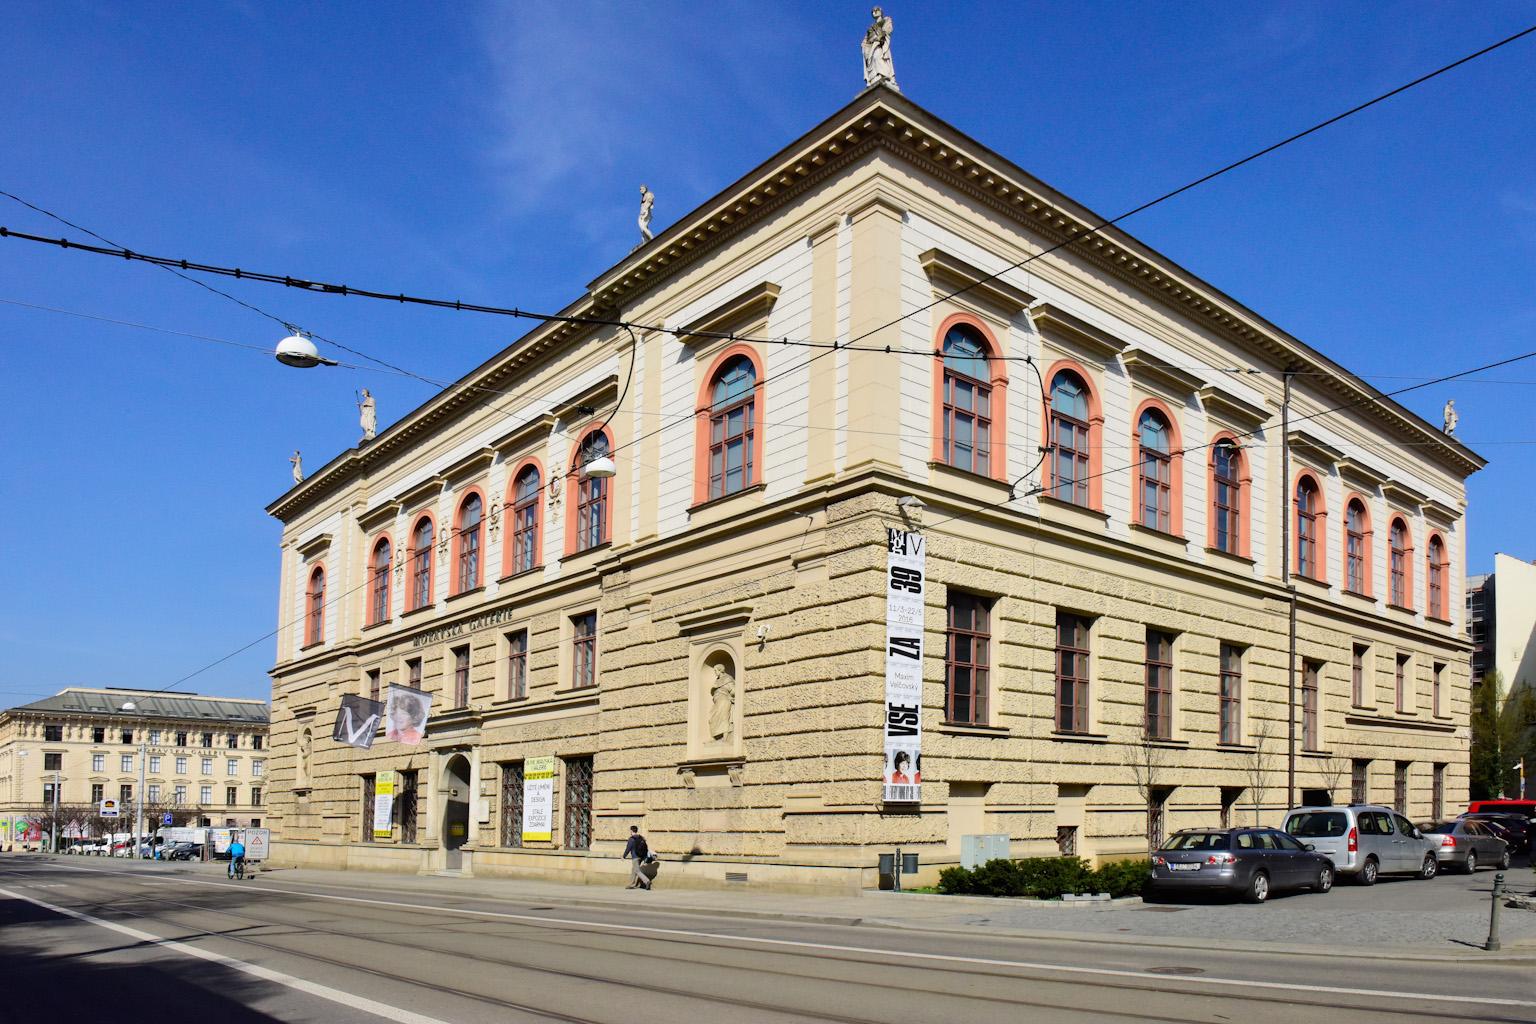 The Moravian Gallery in Brno (Moravská galerie v Brně)